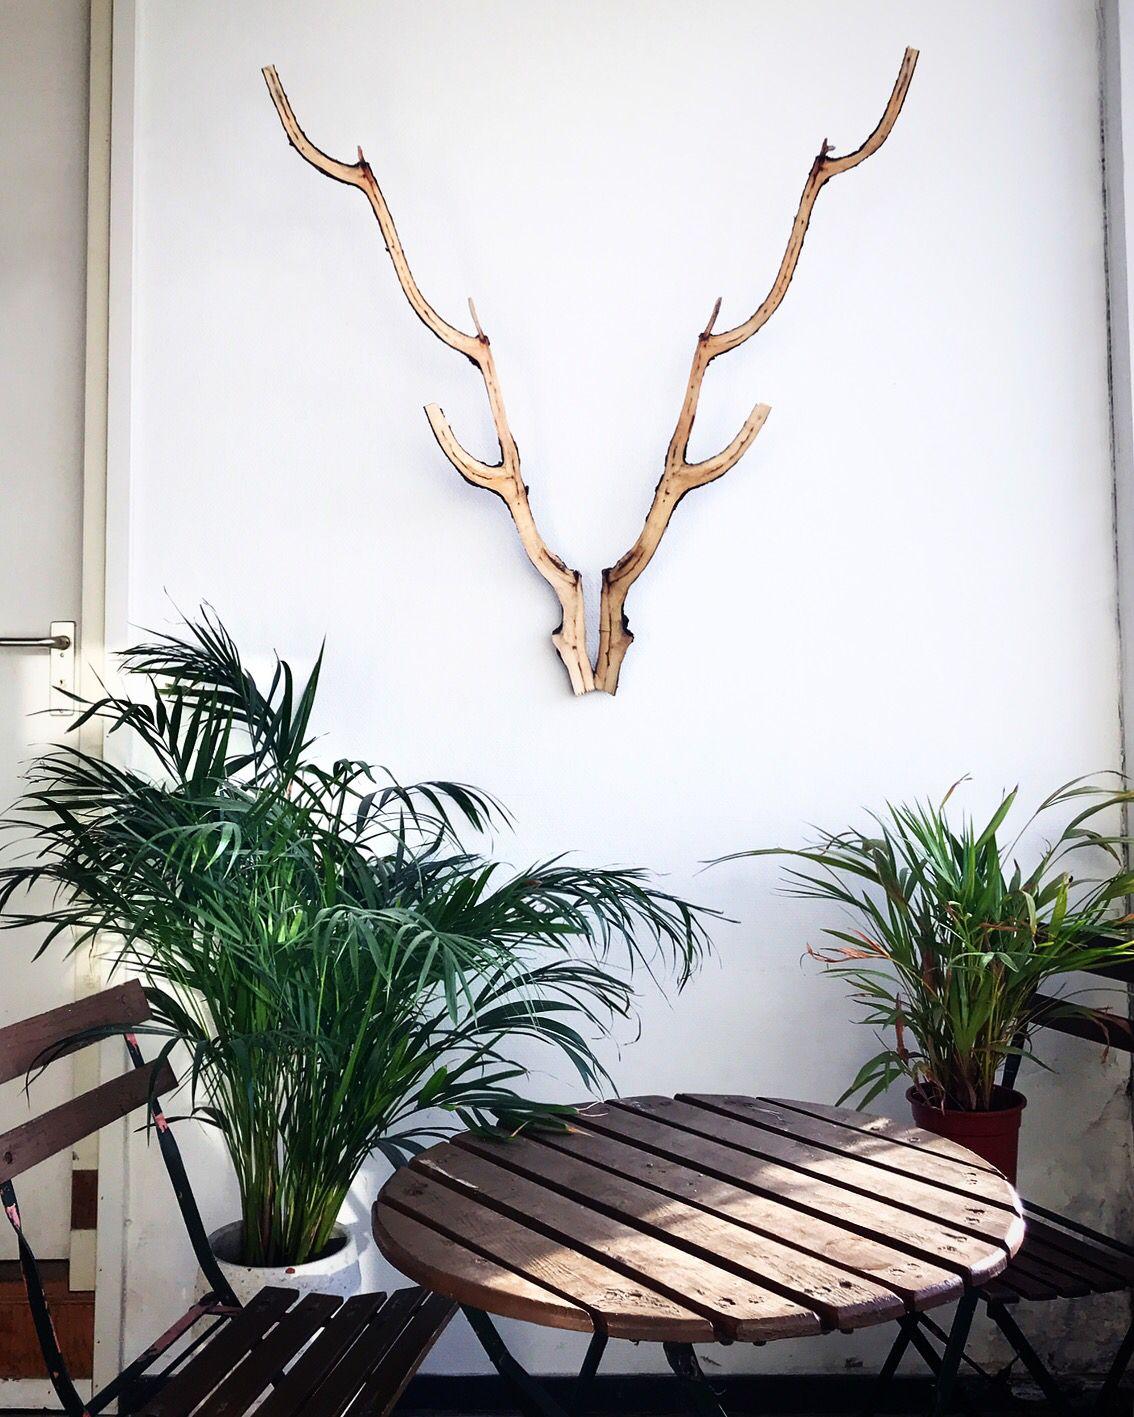 Geweldig Gewei Geweien Woonkamer Decoratie Interieur Woonkamer